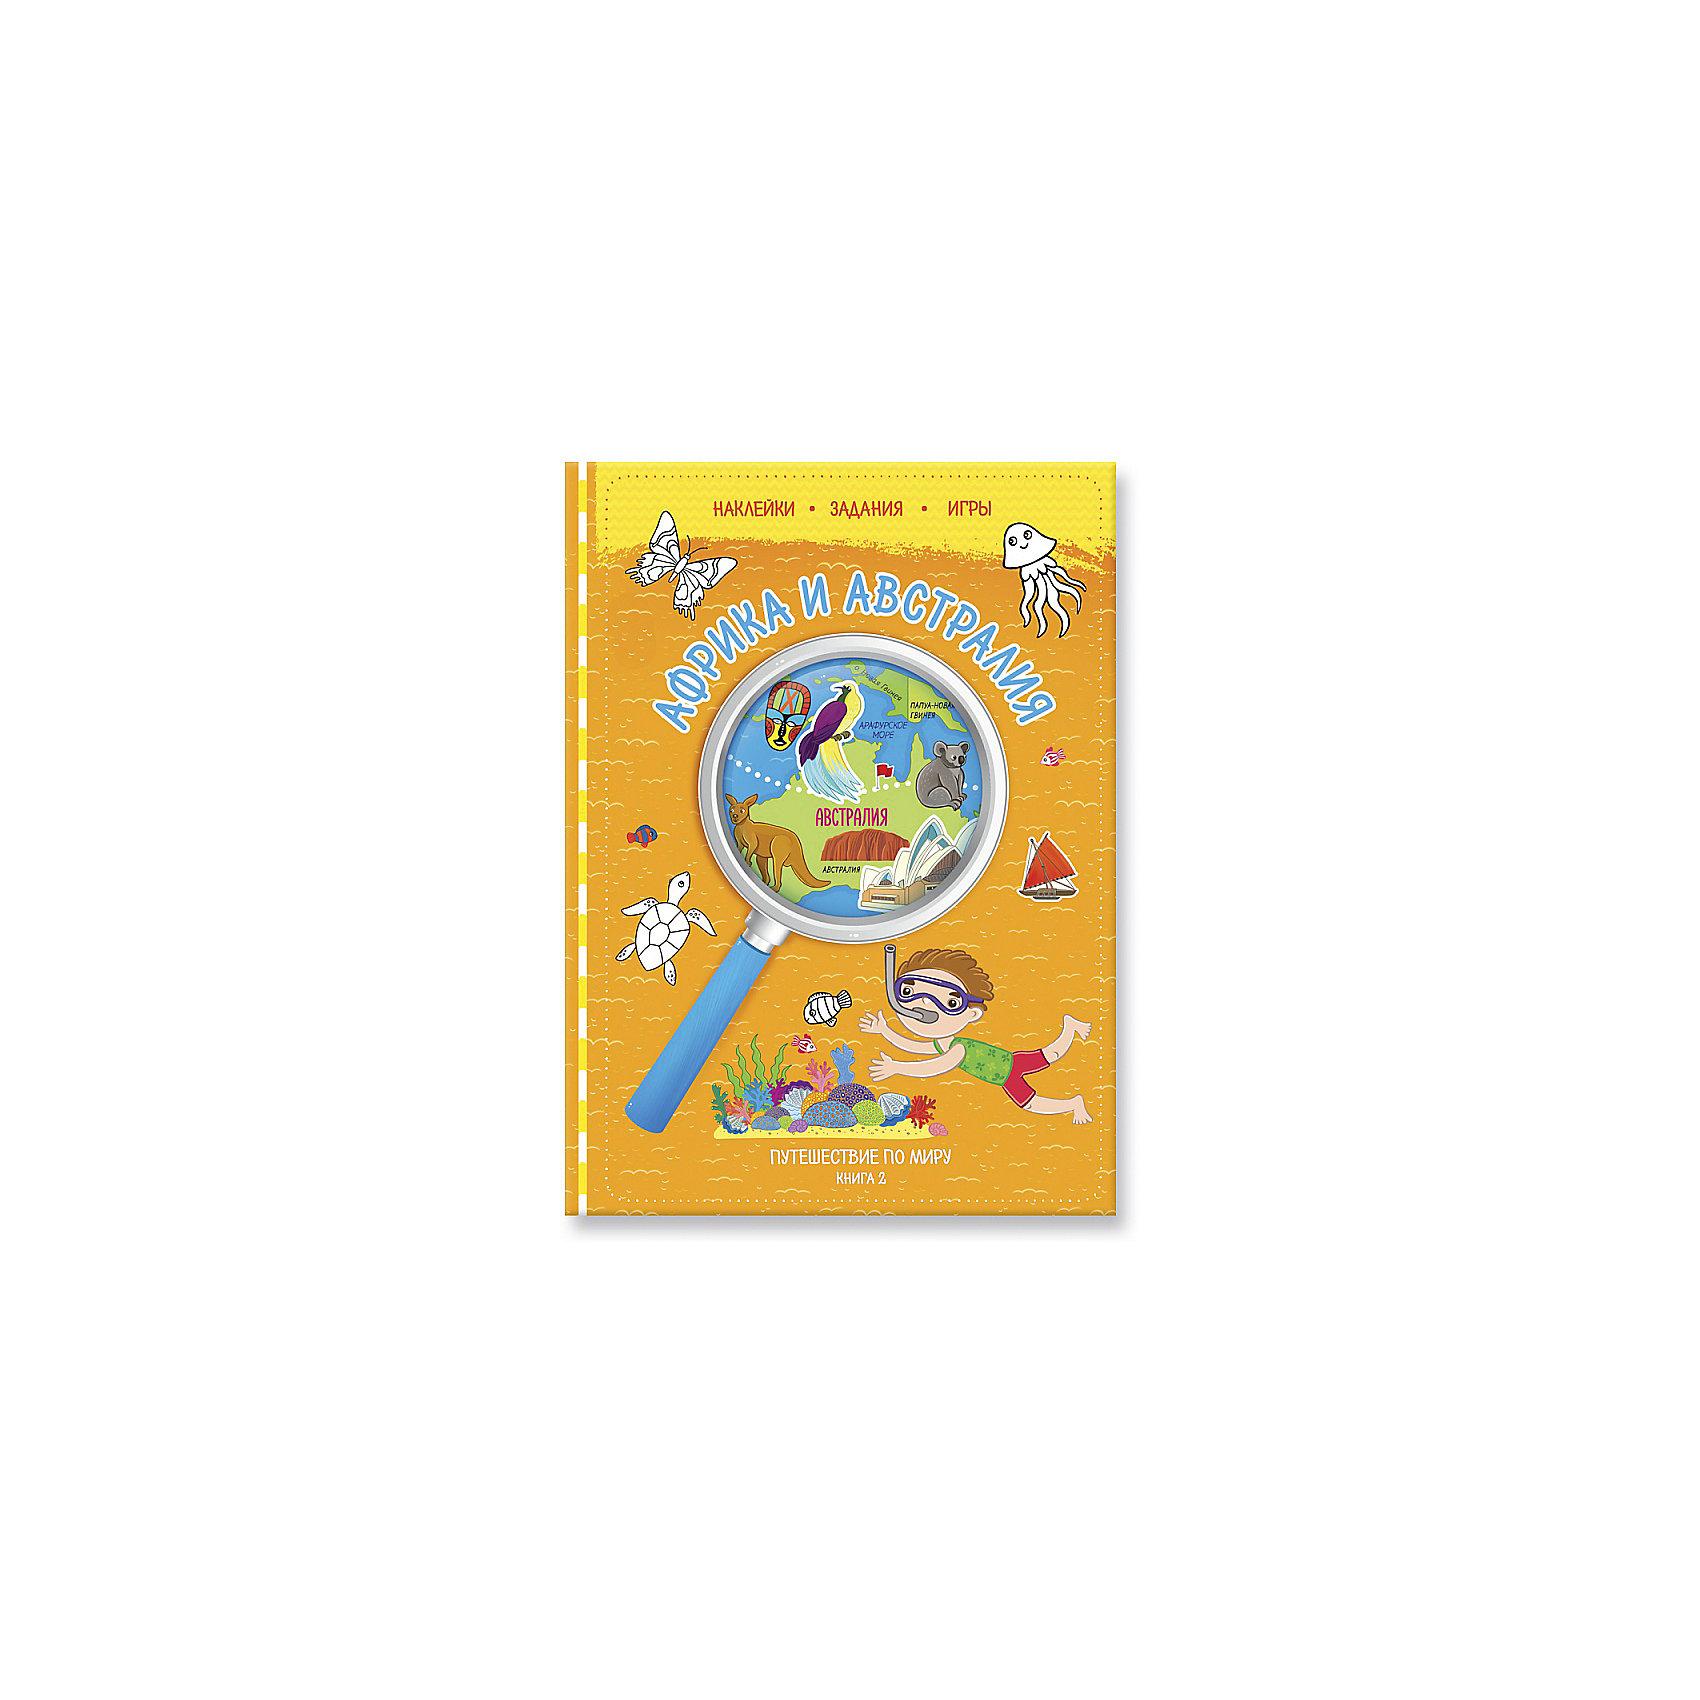 Книга 2 Африка и Австралия с наклейками, Путешествуй по мируЭто вторая книга из новой серии «Путешествуй по миру».<br>Яркие иллюстрации, познавательные факты, интересные задания, мини-игры и наклейки помогут деткам исследовать удивительную Африку и далёкую Австралию. Мягкий переплет.<br><br>Ширина мм: 210<br>Глубина мм: 287<br>Высота мм: 5<br>Вес г: 102<br>Возраст от месяцев: 72<br>Возраст до месяцев: 108<br>Пол: Унисекс<br>Возраст: Детский<br>SKU: 5423033